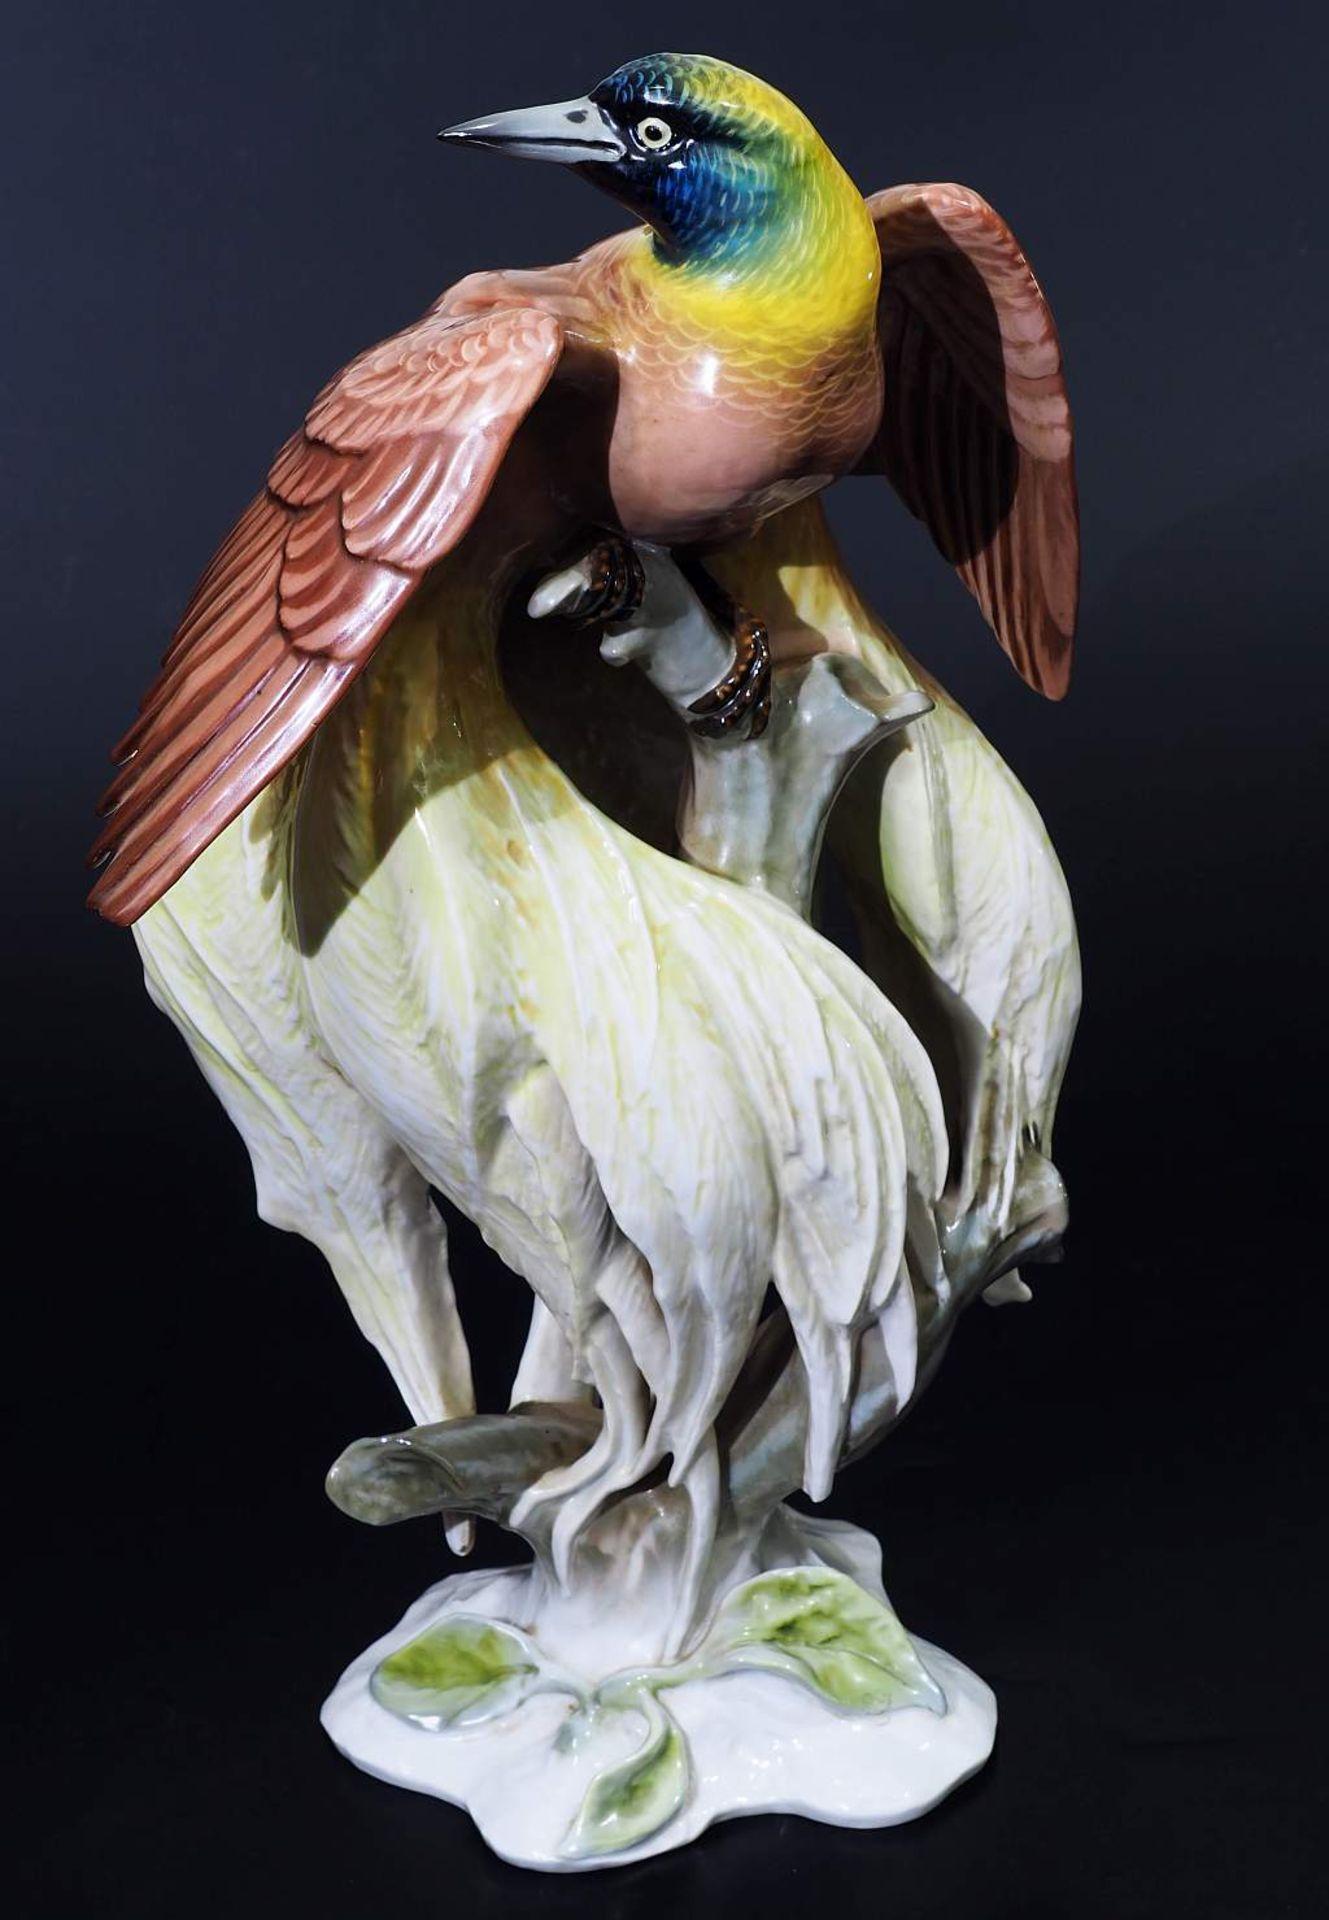 """Große Tierplastik """"Paradiesvogel"""". Große Tierplastik """"Paradiesvogel"""". ROSENTHAL Kunstabteilung Selb, - Bild 2 aus 8"""